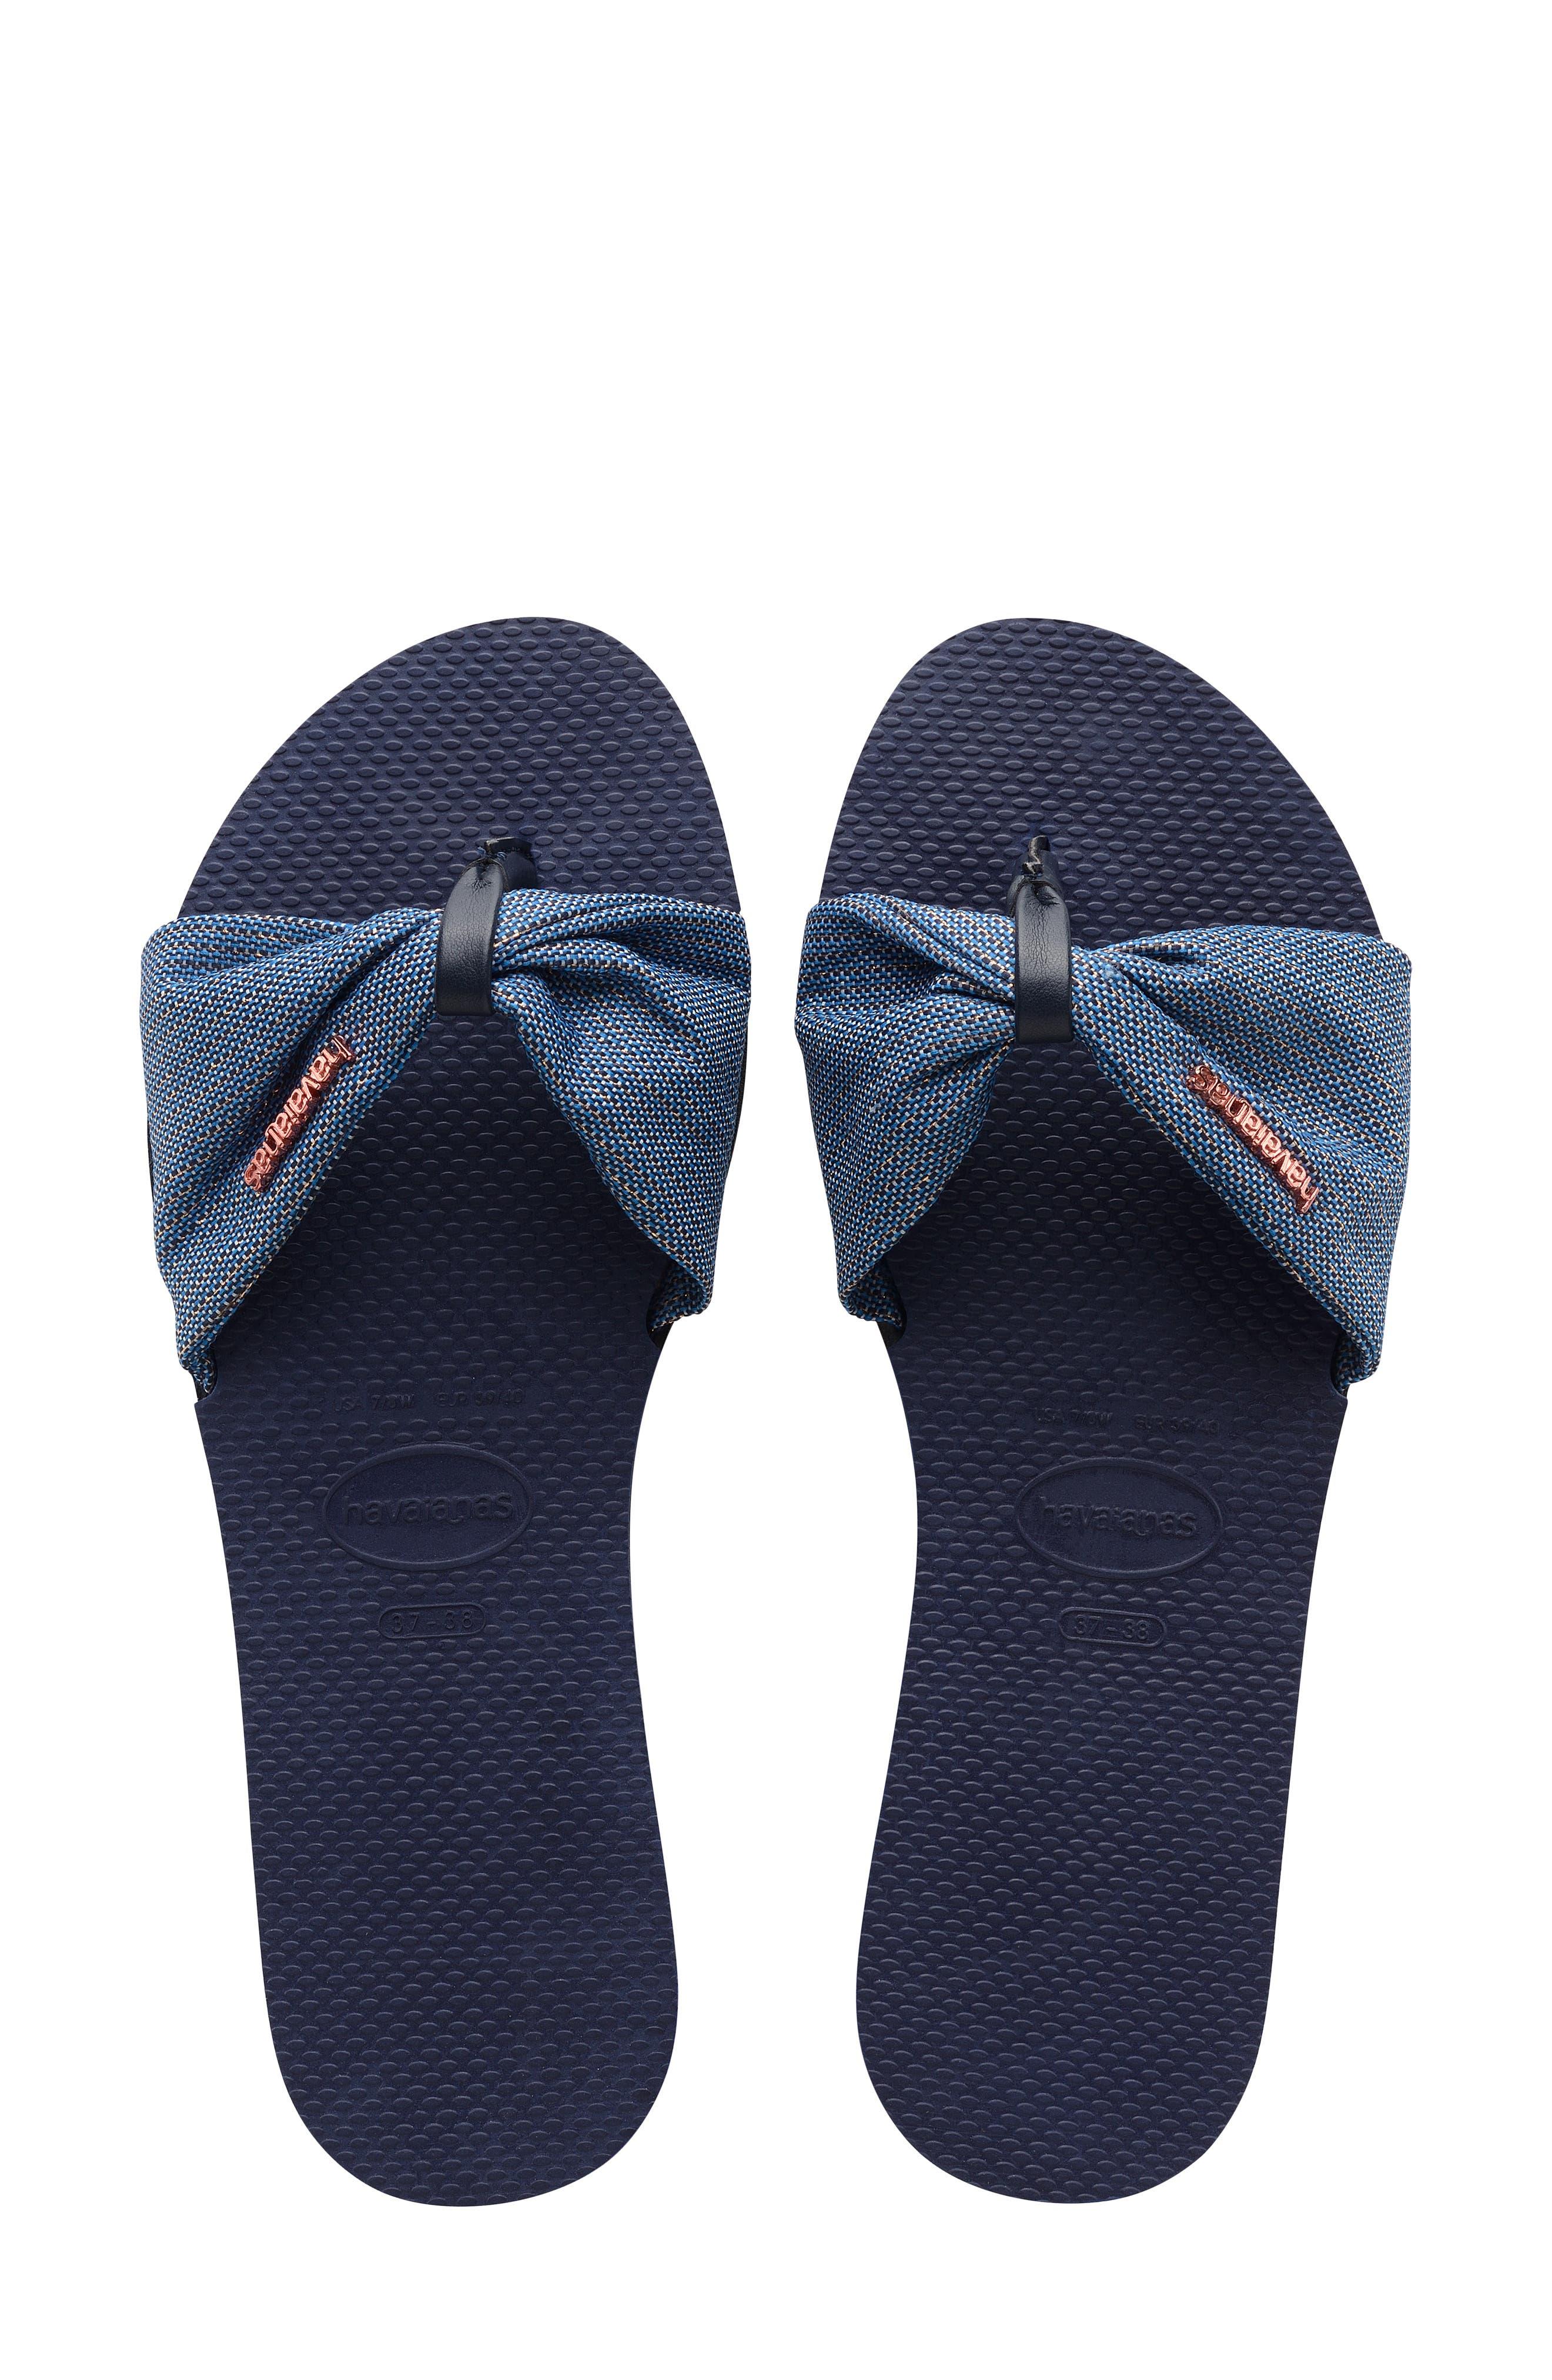 You St. Tropez Shine Sandal